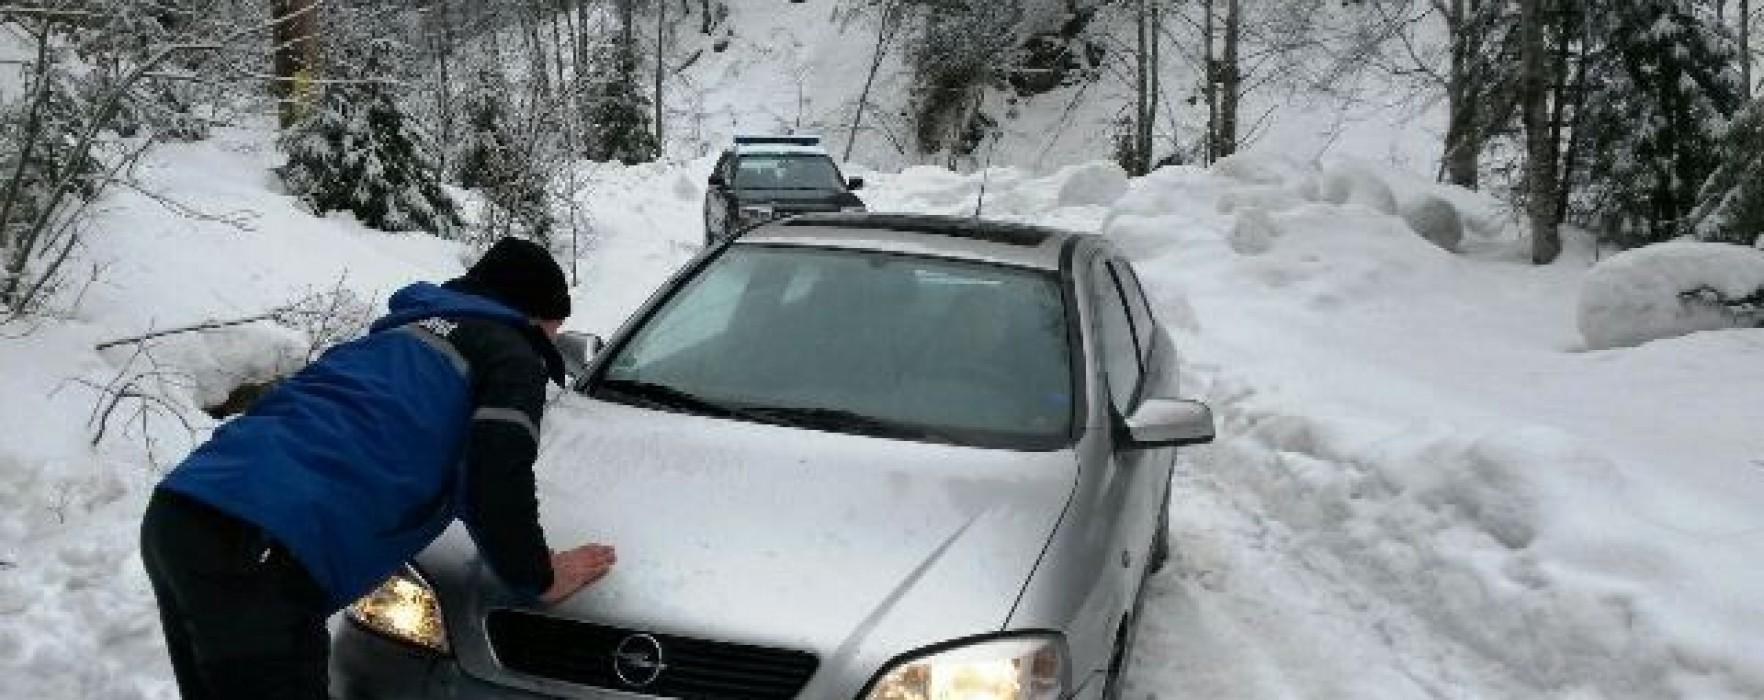 Dâmboviţa: Turişti rămaşi înzăpeziţi, în zona montană